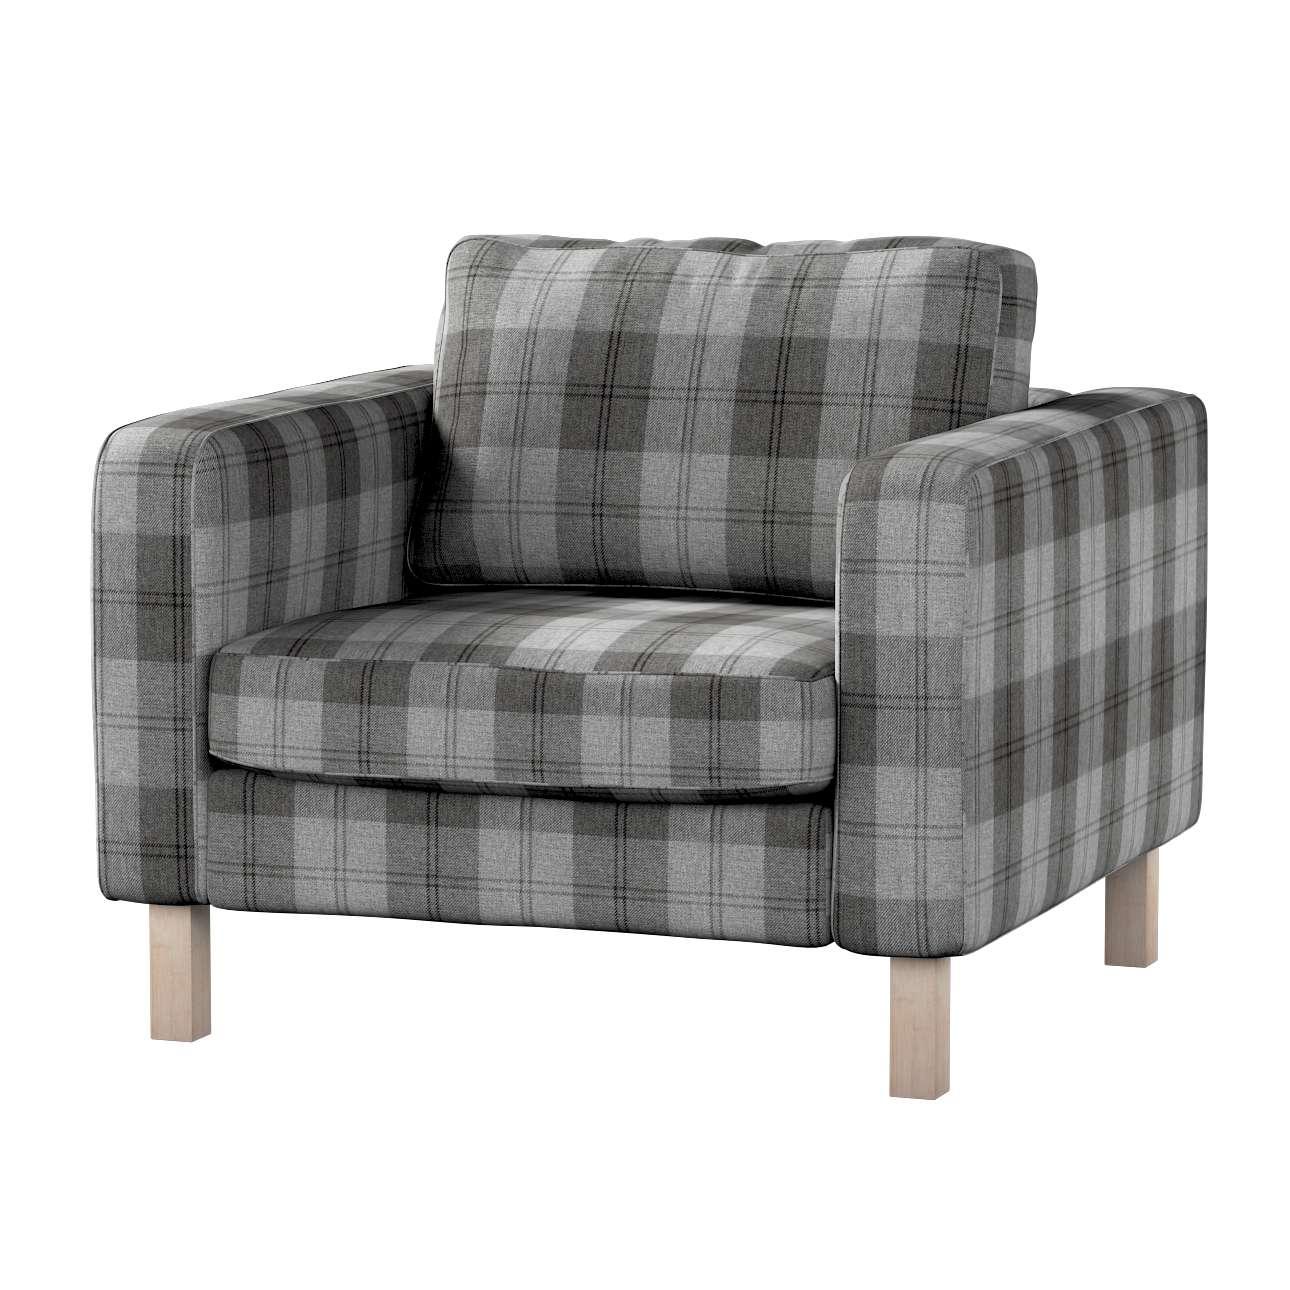 Pokrowiec na fotel Karlstad, krótki w kolekcji Edinburgh, tkanina: 115-75